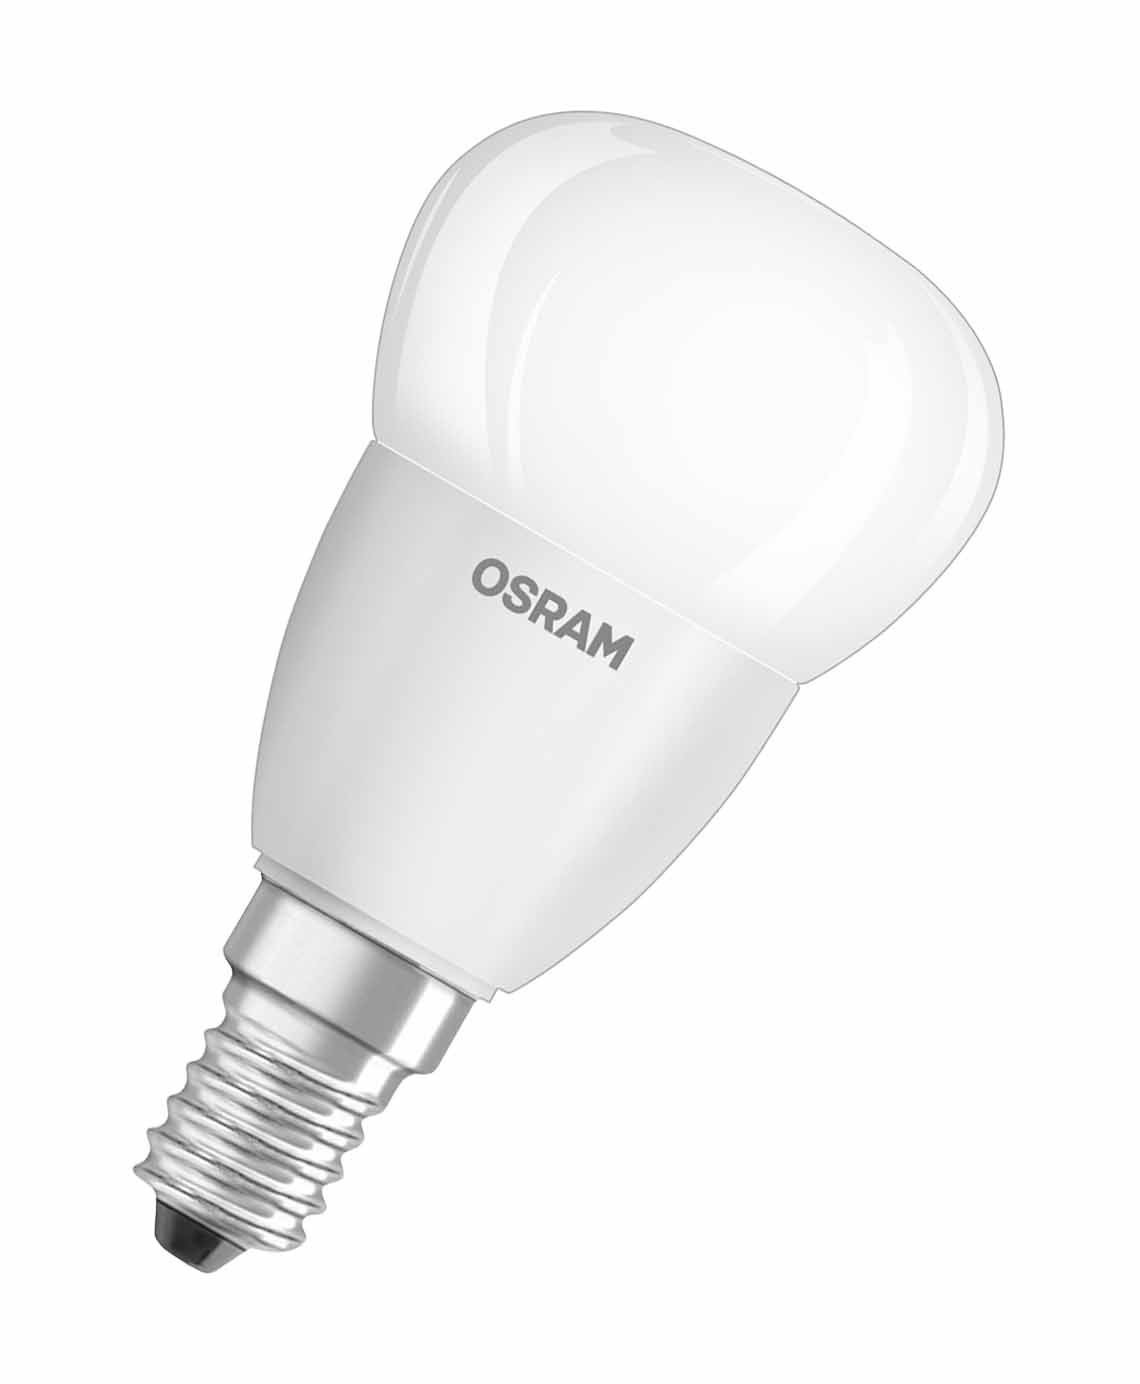 OSRAM LED SUPERSTAR Ampoule LED, Forme sphé rique, Culot E14, Dimmable, 3,2W Equivalent 25W, 220-240V, dé polie, Blanc Chaud 2700K, Lot de 1 piè ce Forme sphérique dépolie Lot de 1 pièce LEDVANCE 4052899911406 ampoule 230v 25w lampe 25